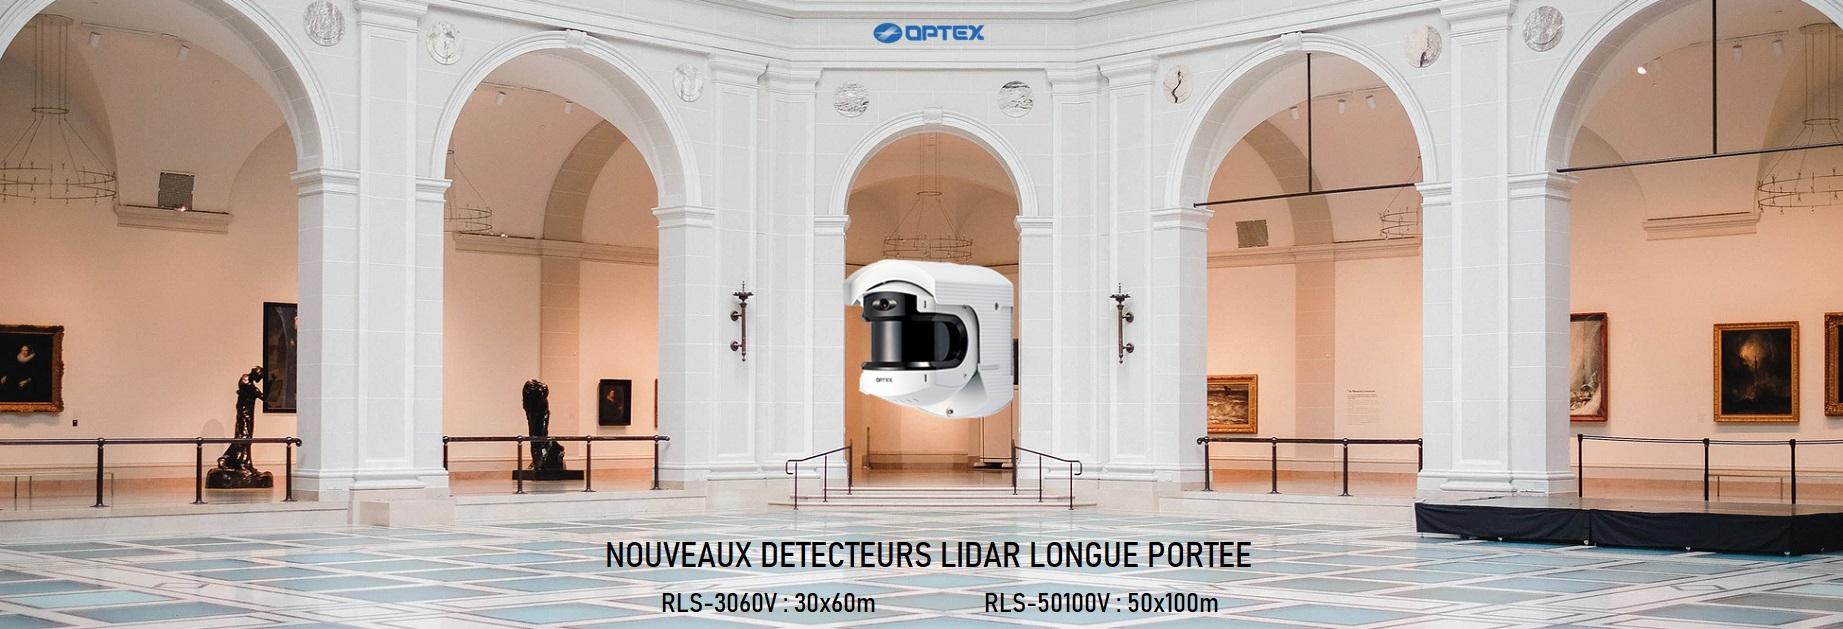 OPTEX RLS-50100V RLS-3060V LIDAR